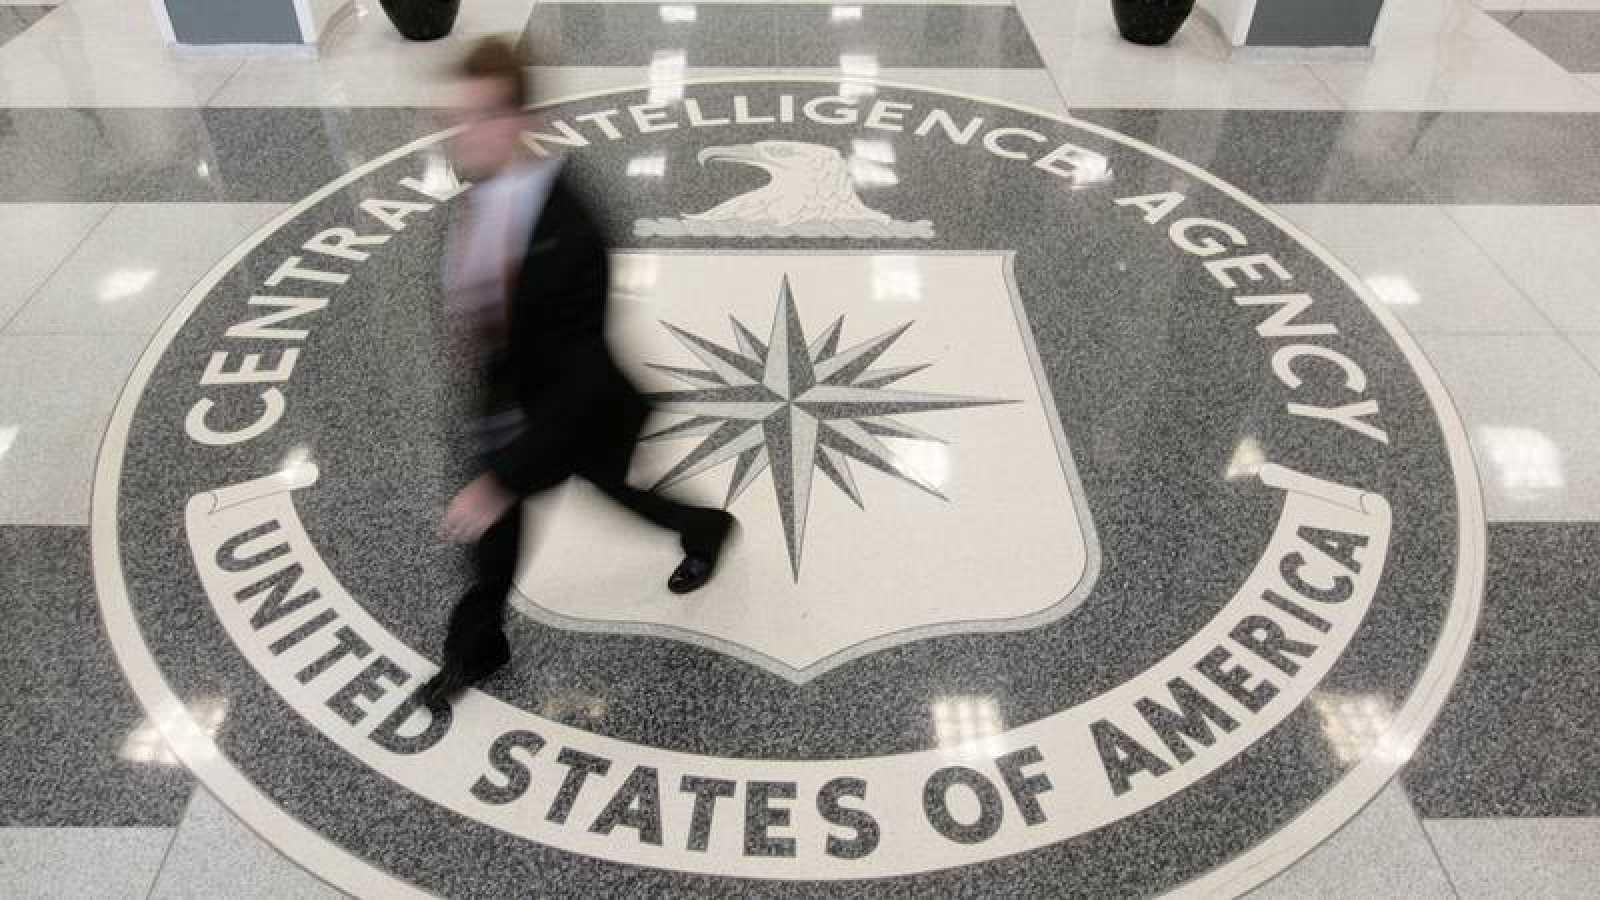 Cuartel general de la CIA en McLean, Virginia, EE.UU.